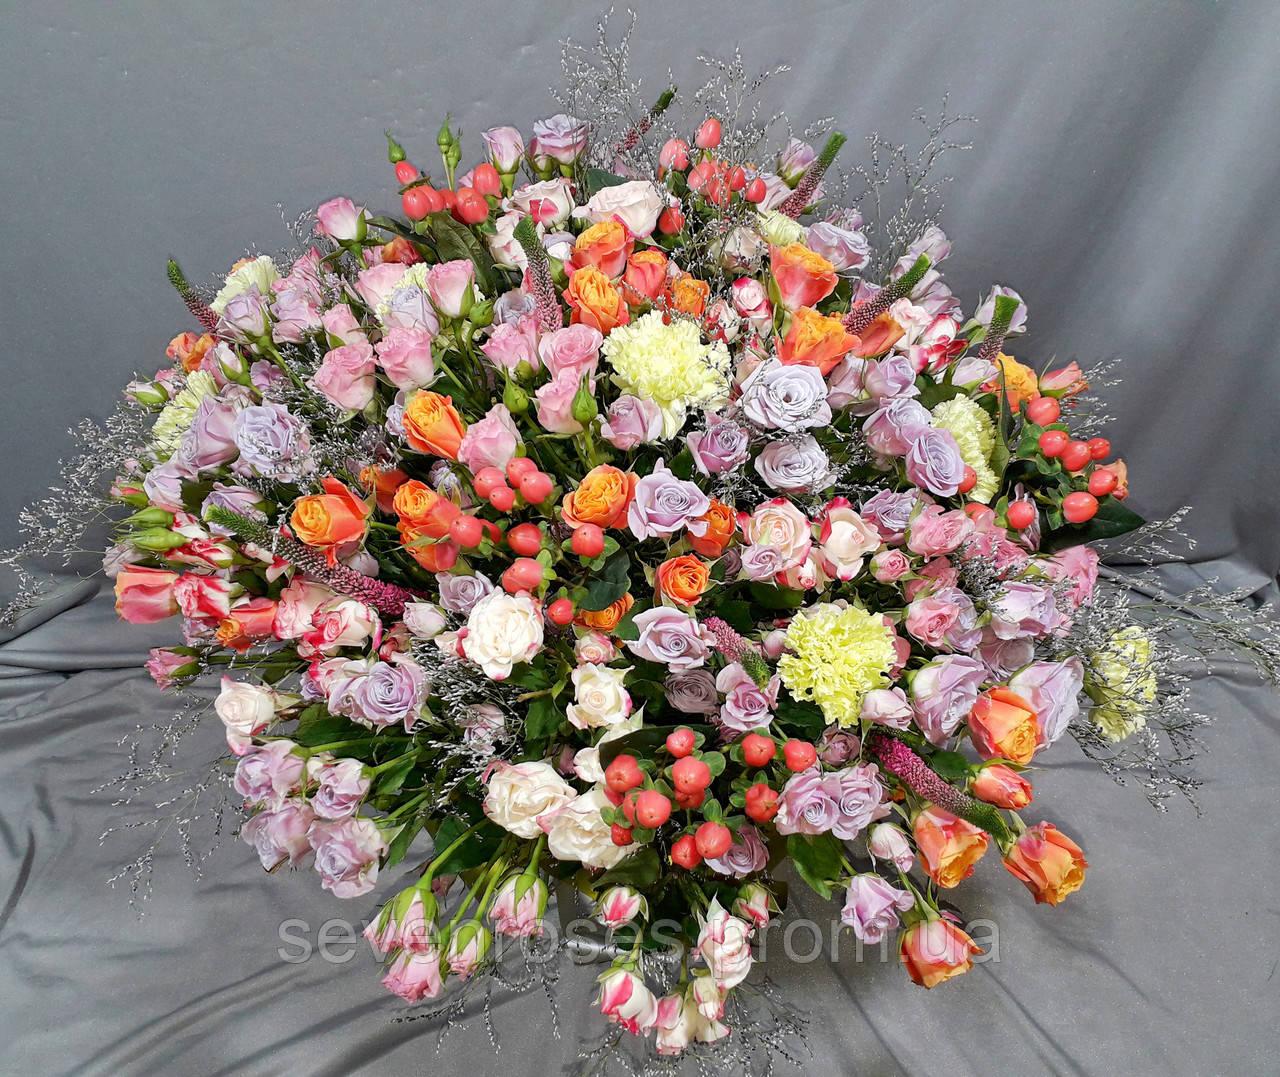 Букет микс №1 из розы спрей с экзотикой